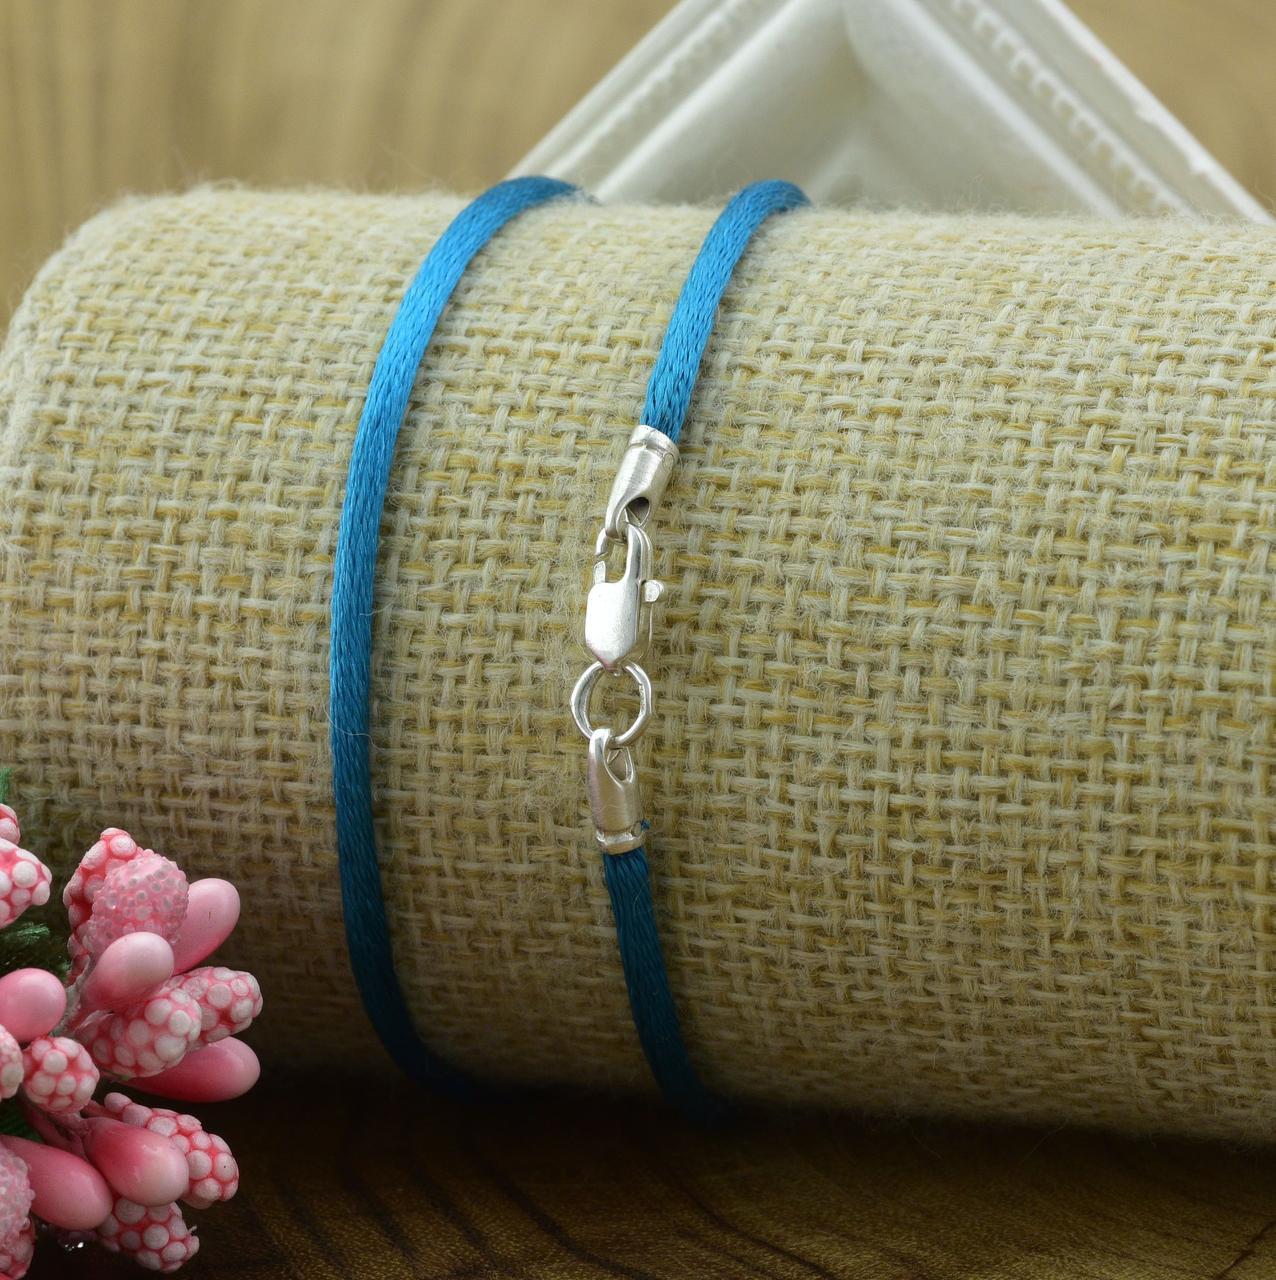 Шнурок шелковый цвет бирюзовый длина 45 см ширина 2 мм вес серебра 0.7 г